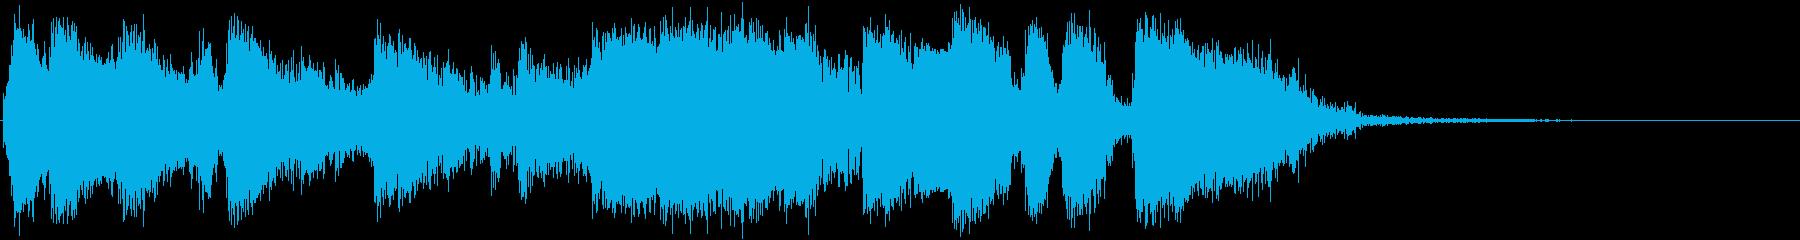 金管のOhMyGod入りジングルの再生済みの波形